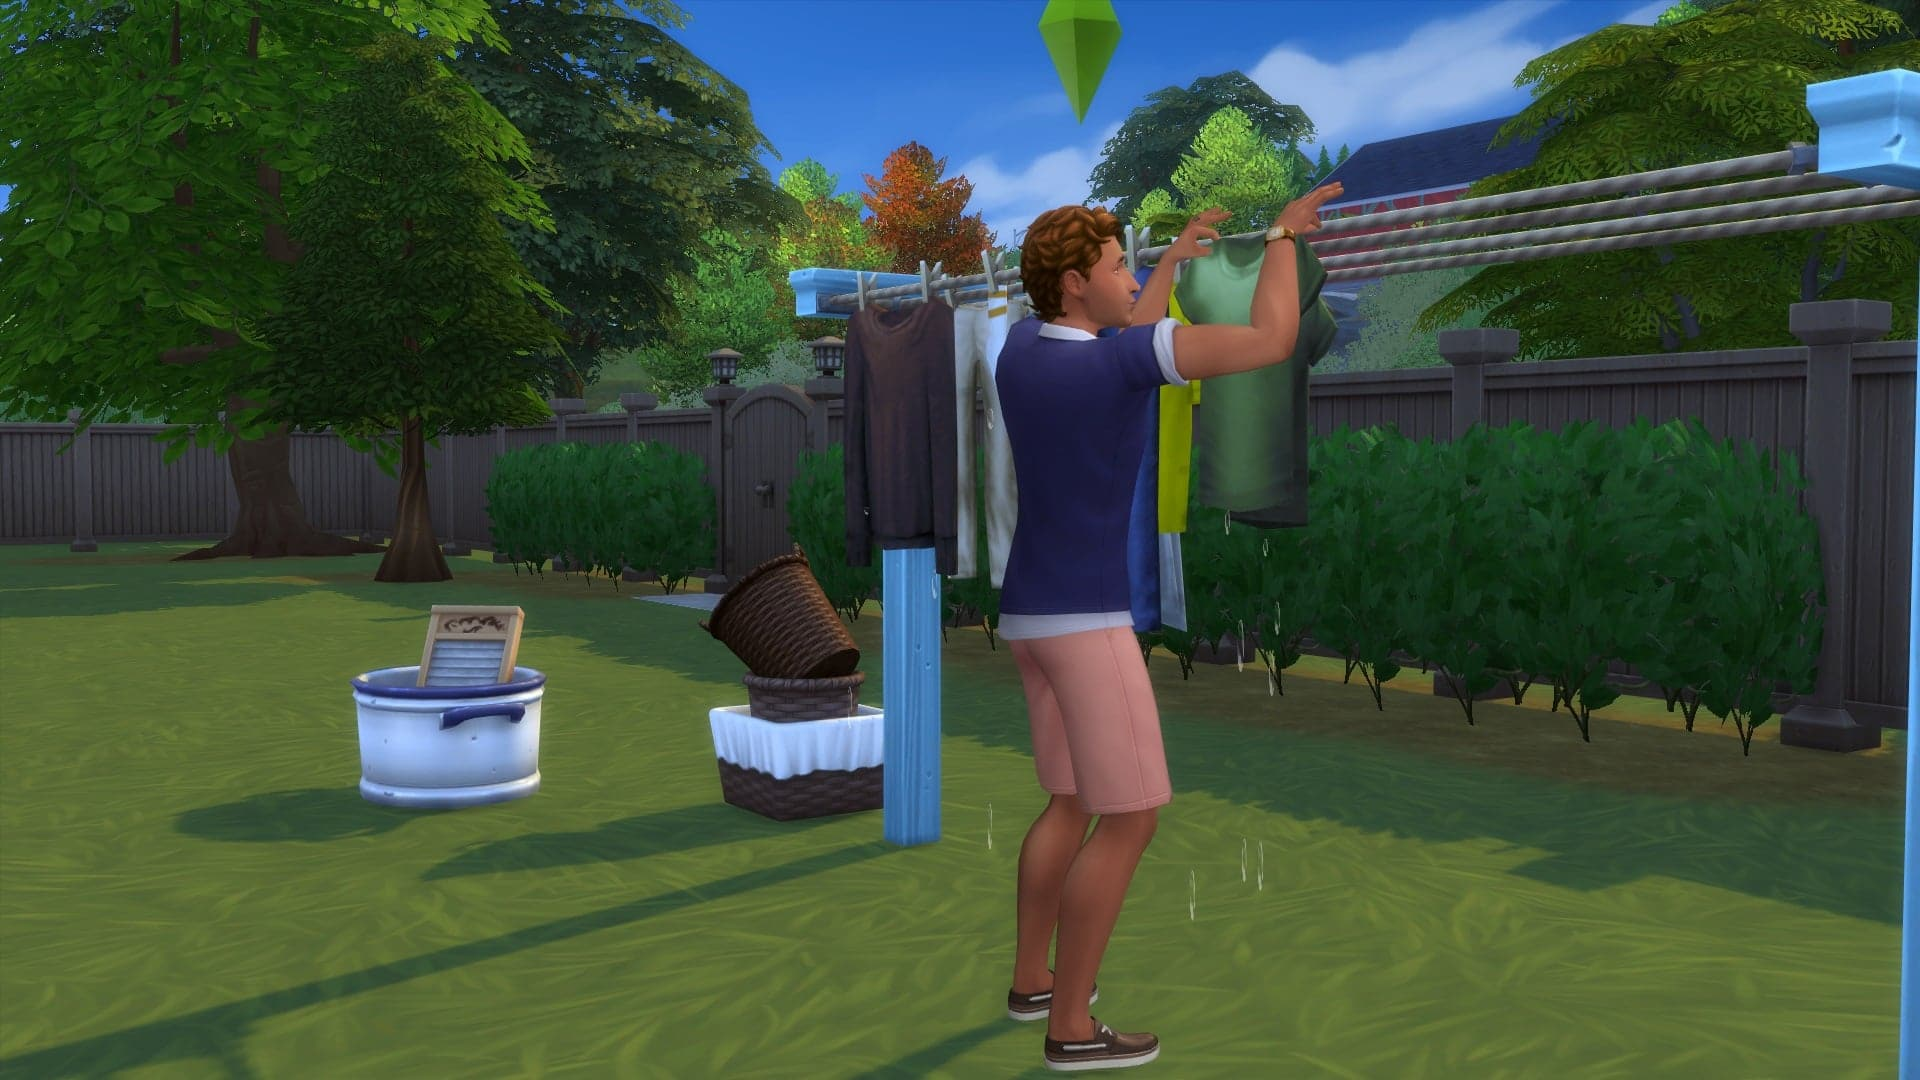 Sécher linge sims 4 jour de lessive